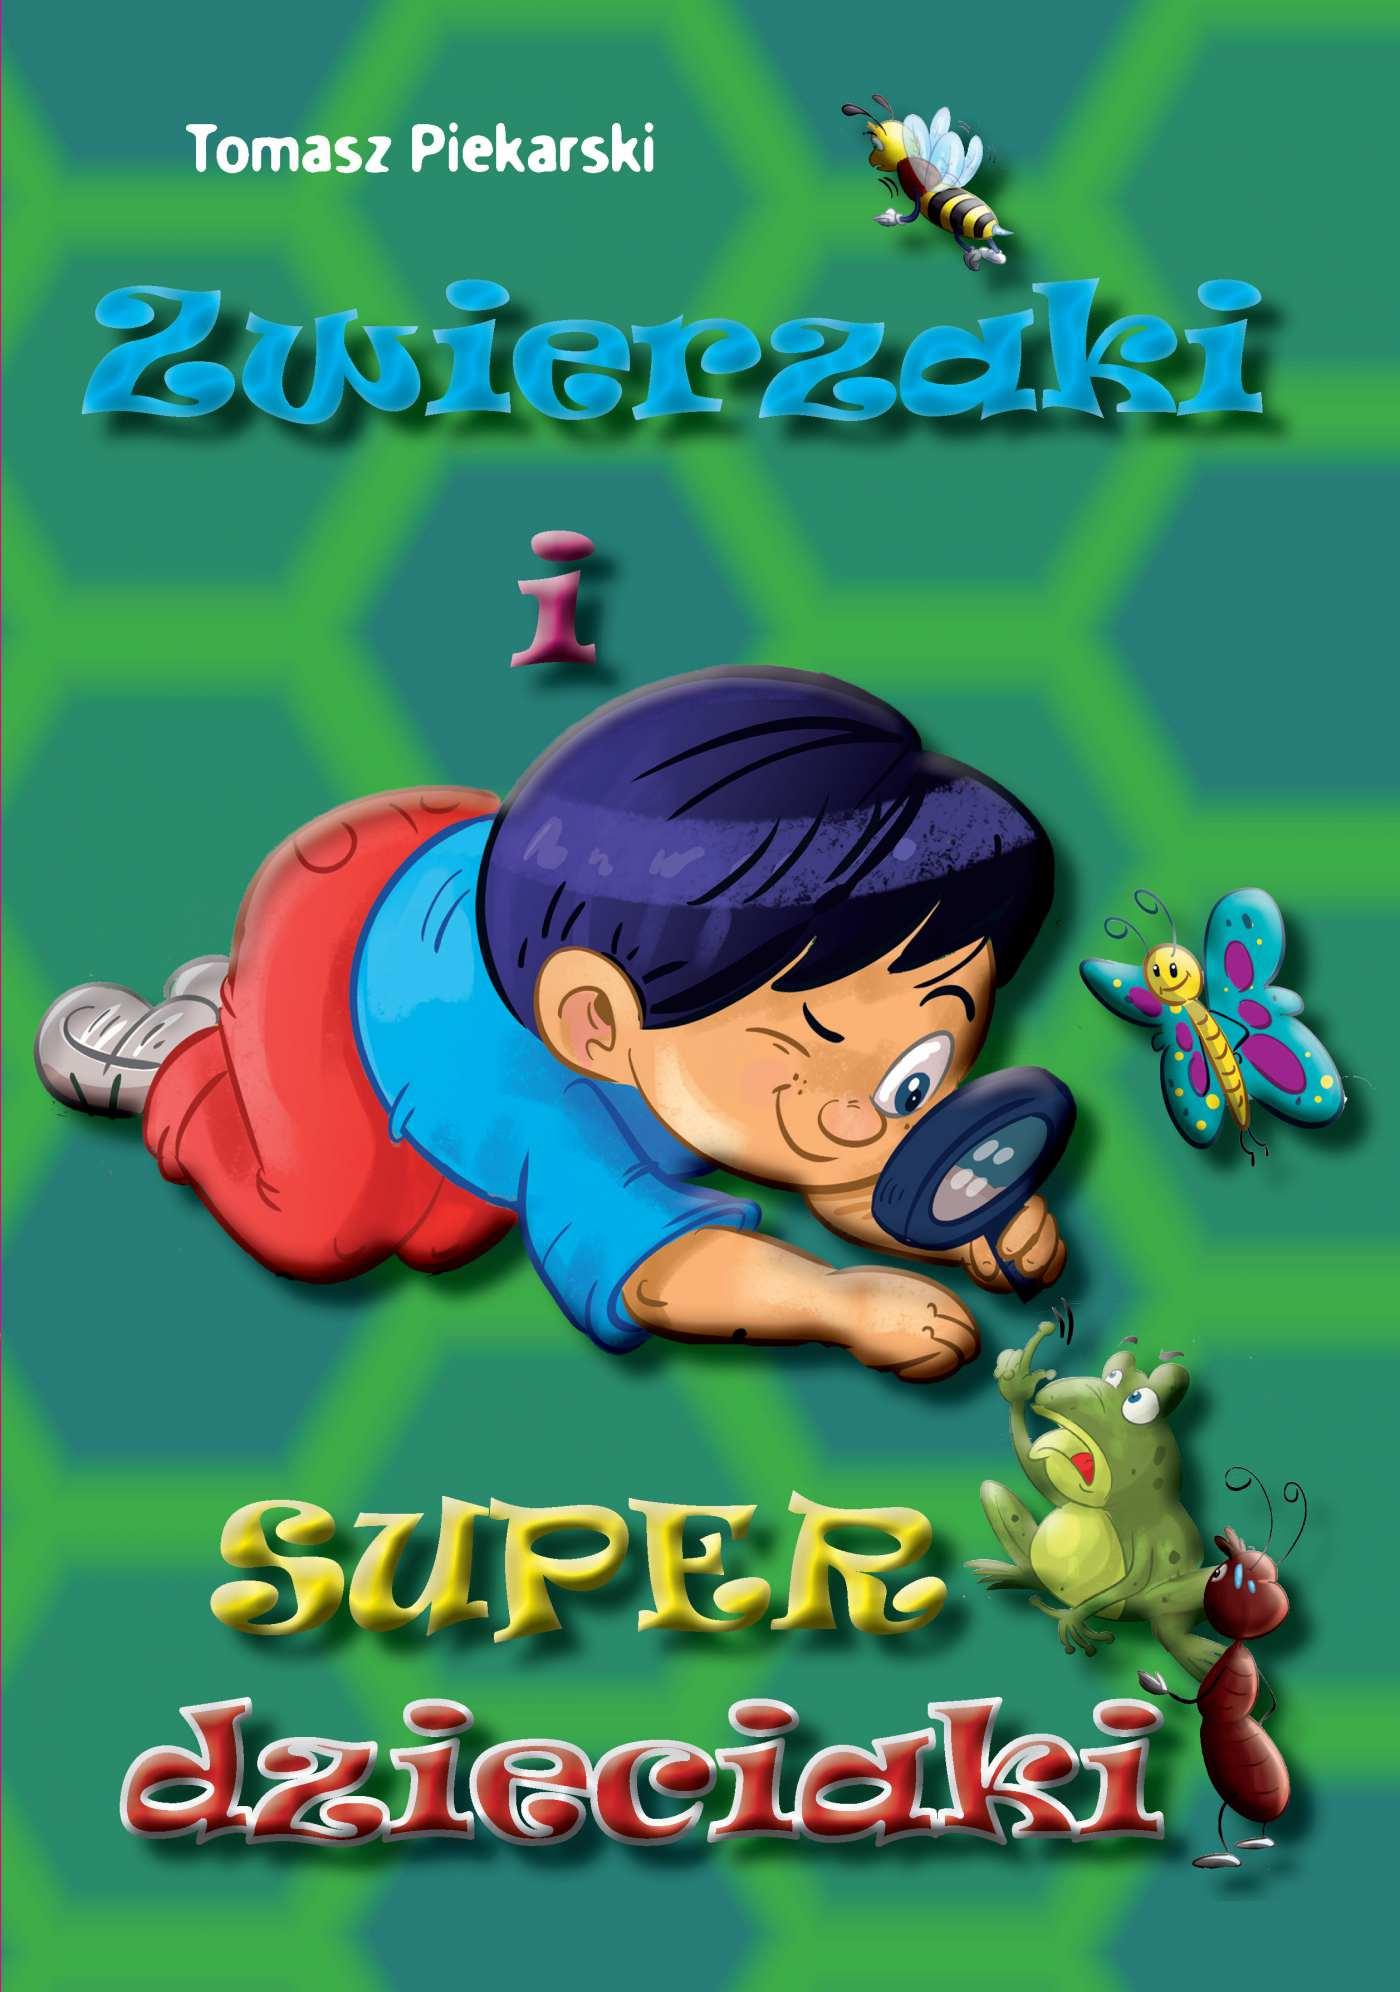 Zwierzaki i super dzieciaki - Ebook (Książka na Kindle) do pobrania w formacie MOBI